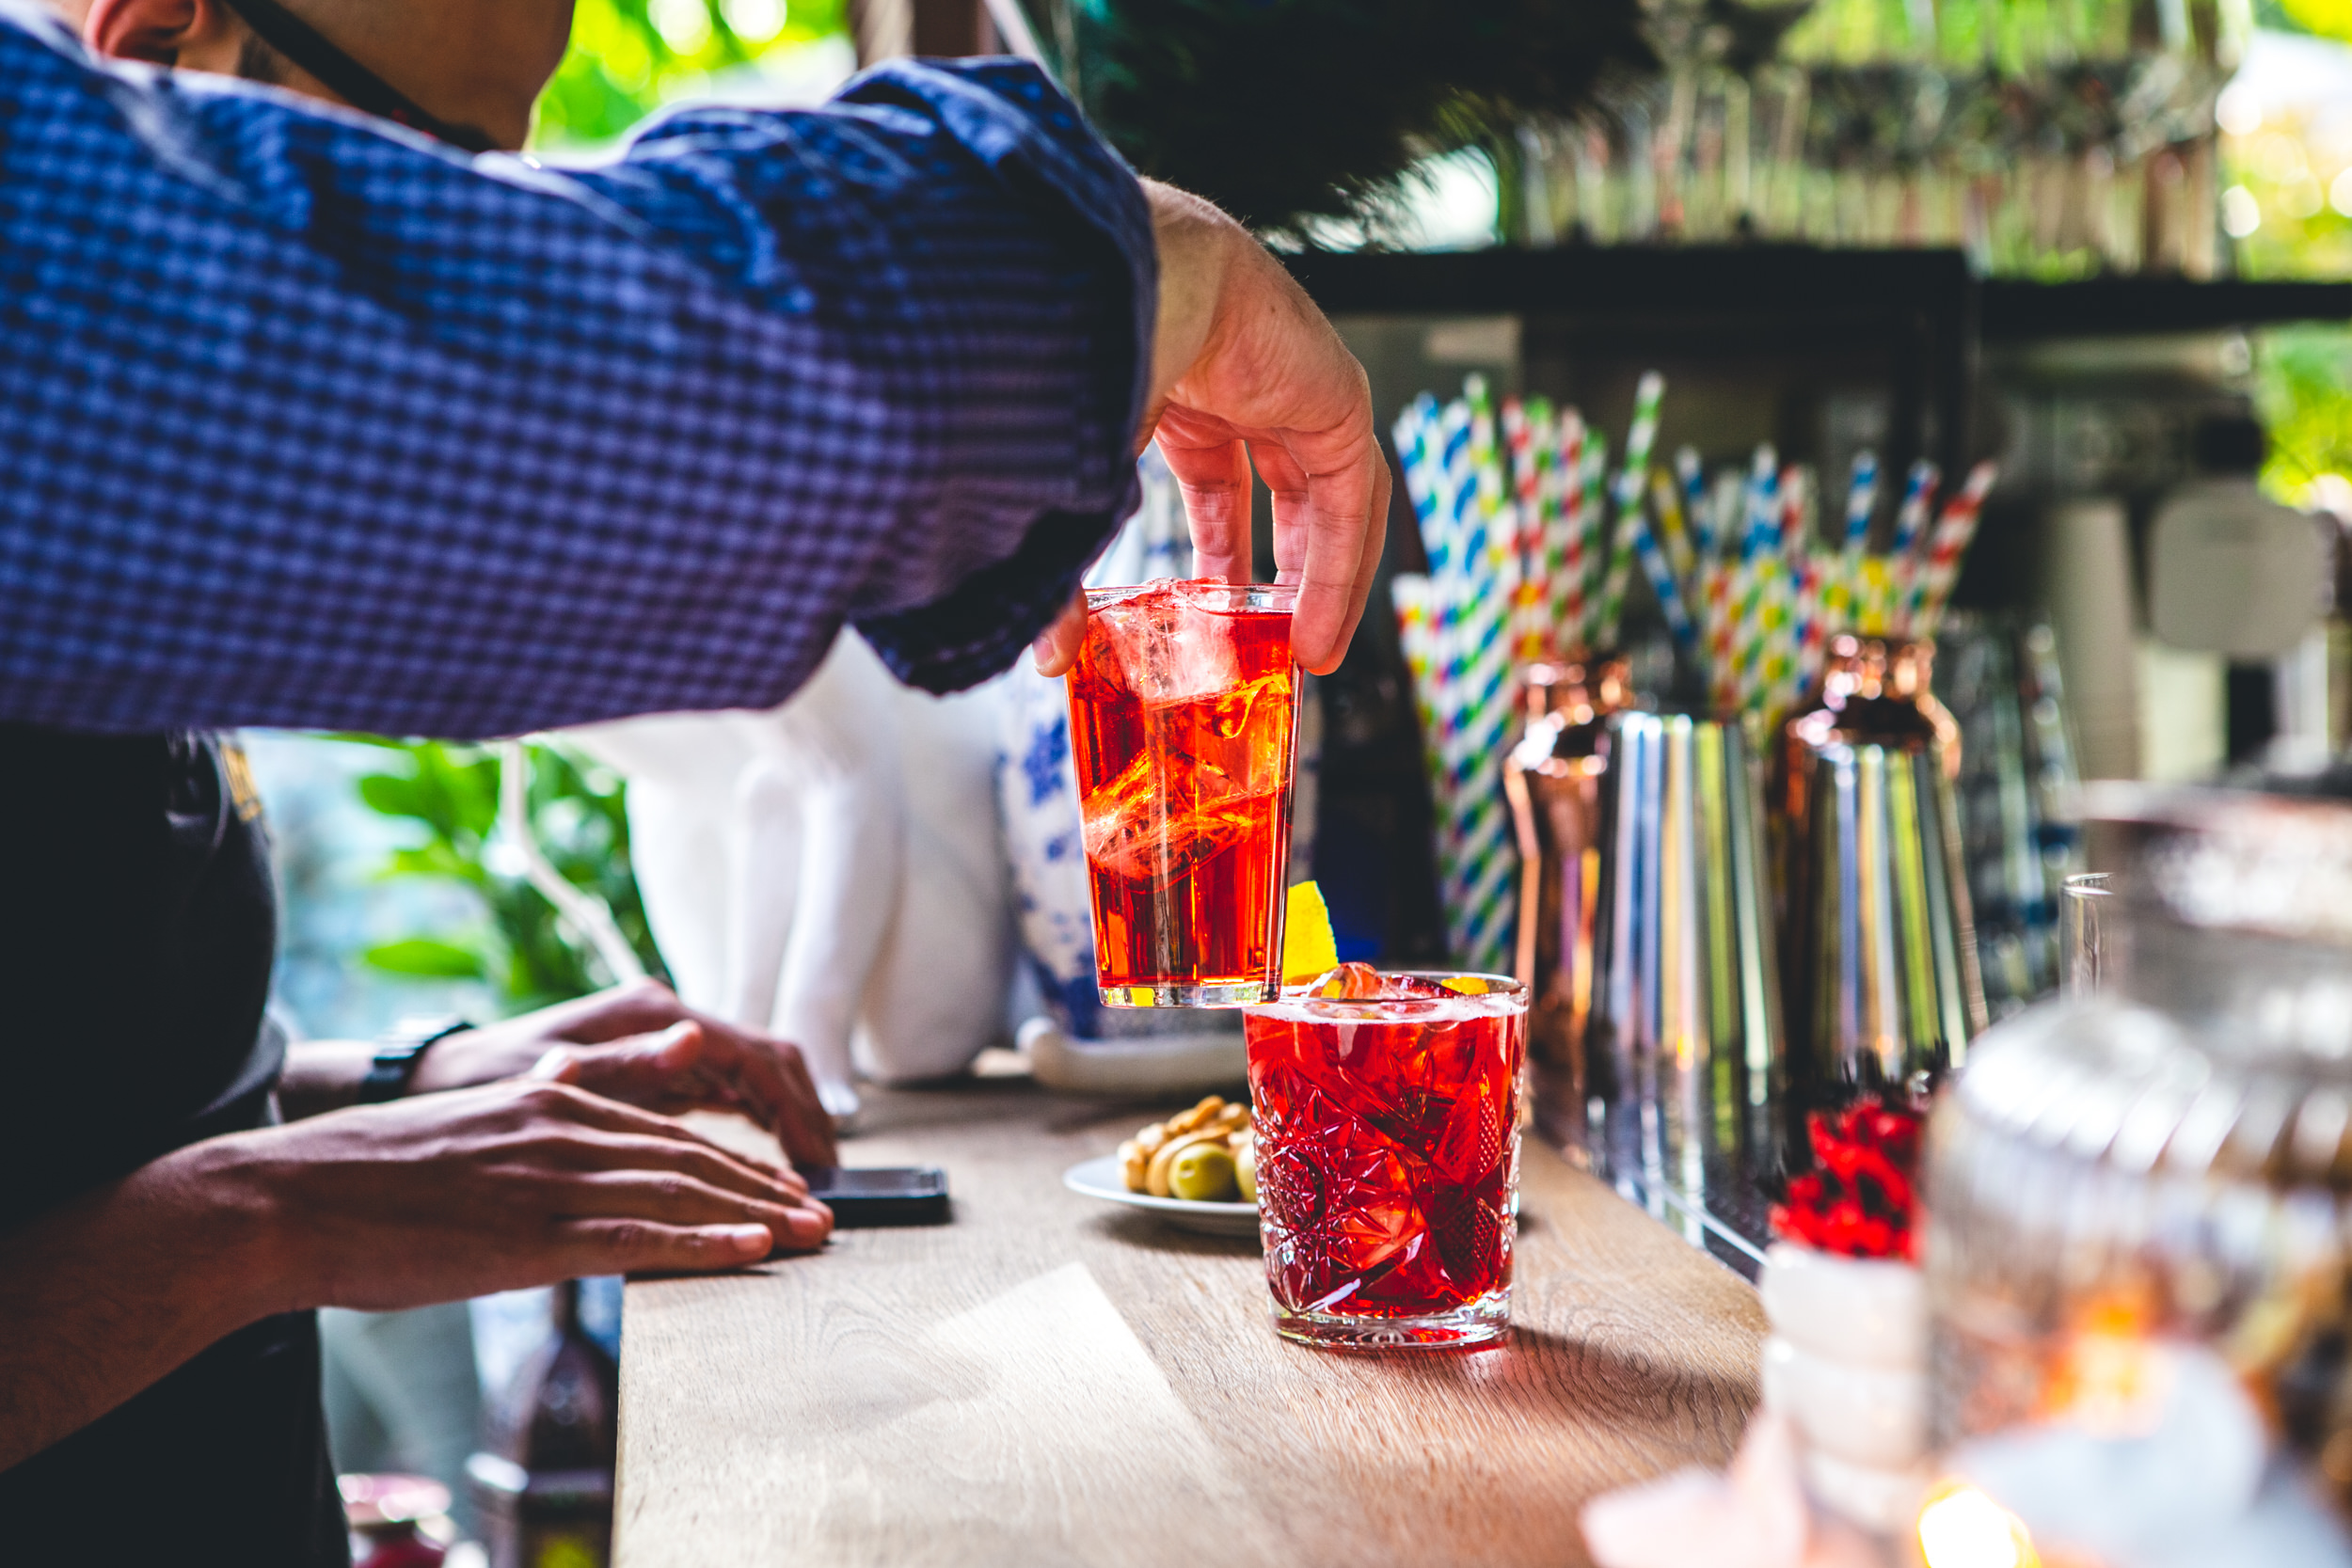 La Holding della ristorazione RDH acquisisce Bistrò sulle Mura in una cordata con imprenditori e ristoratori trevisani